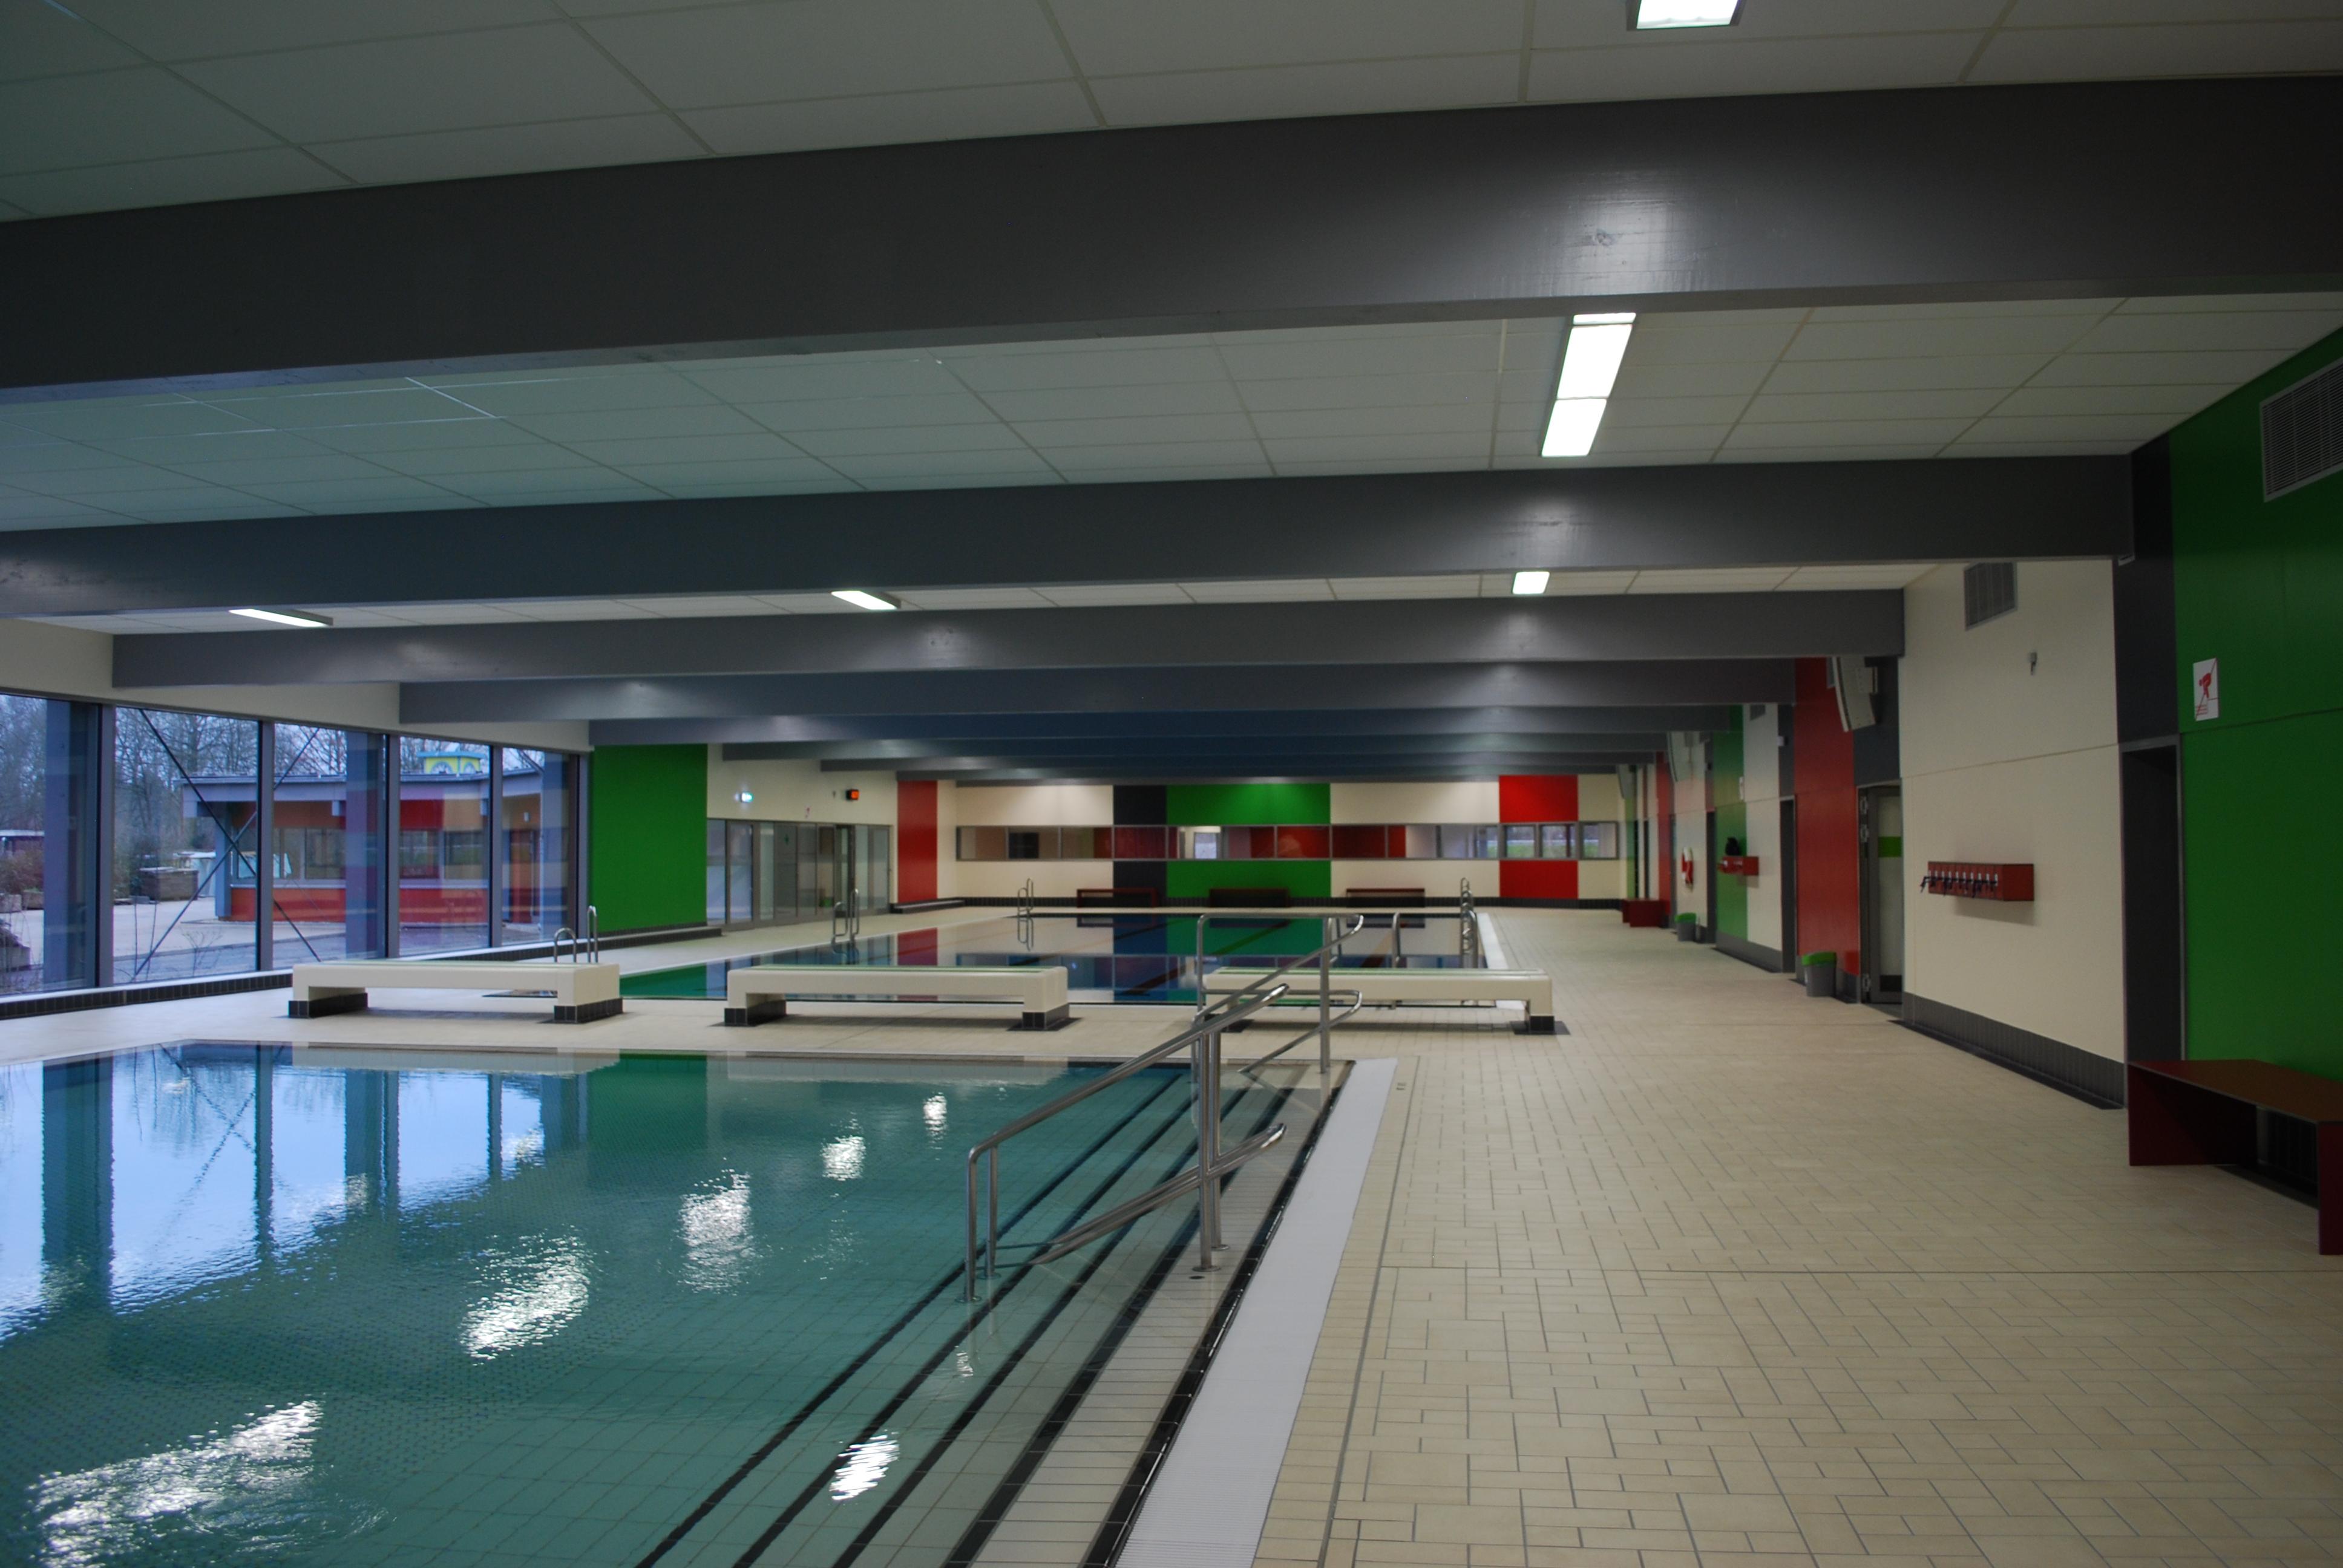 Foto: Blick durch die Schwimmhalle des Hallenbades im Bad und Sport Oststadt